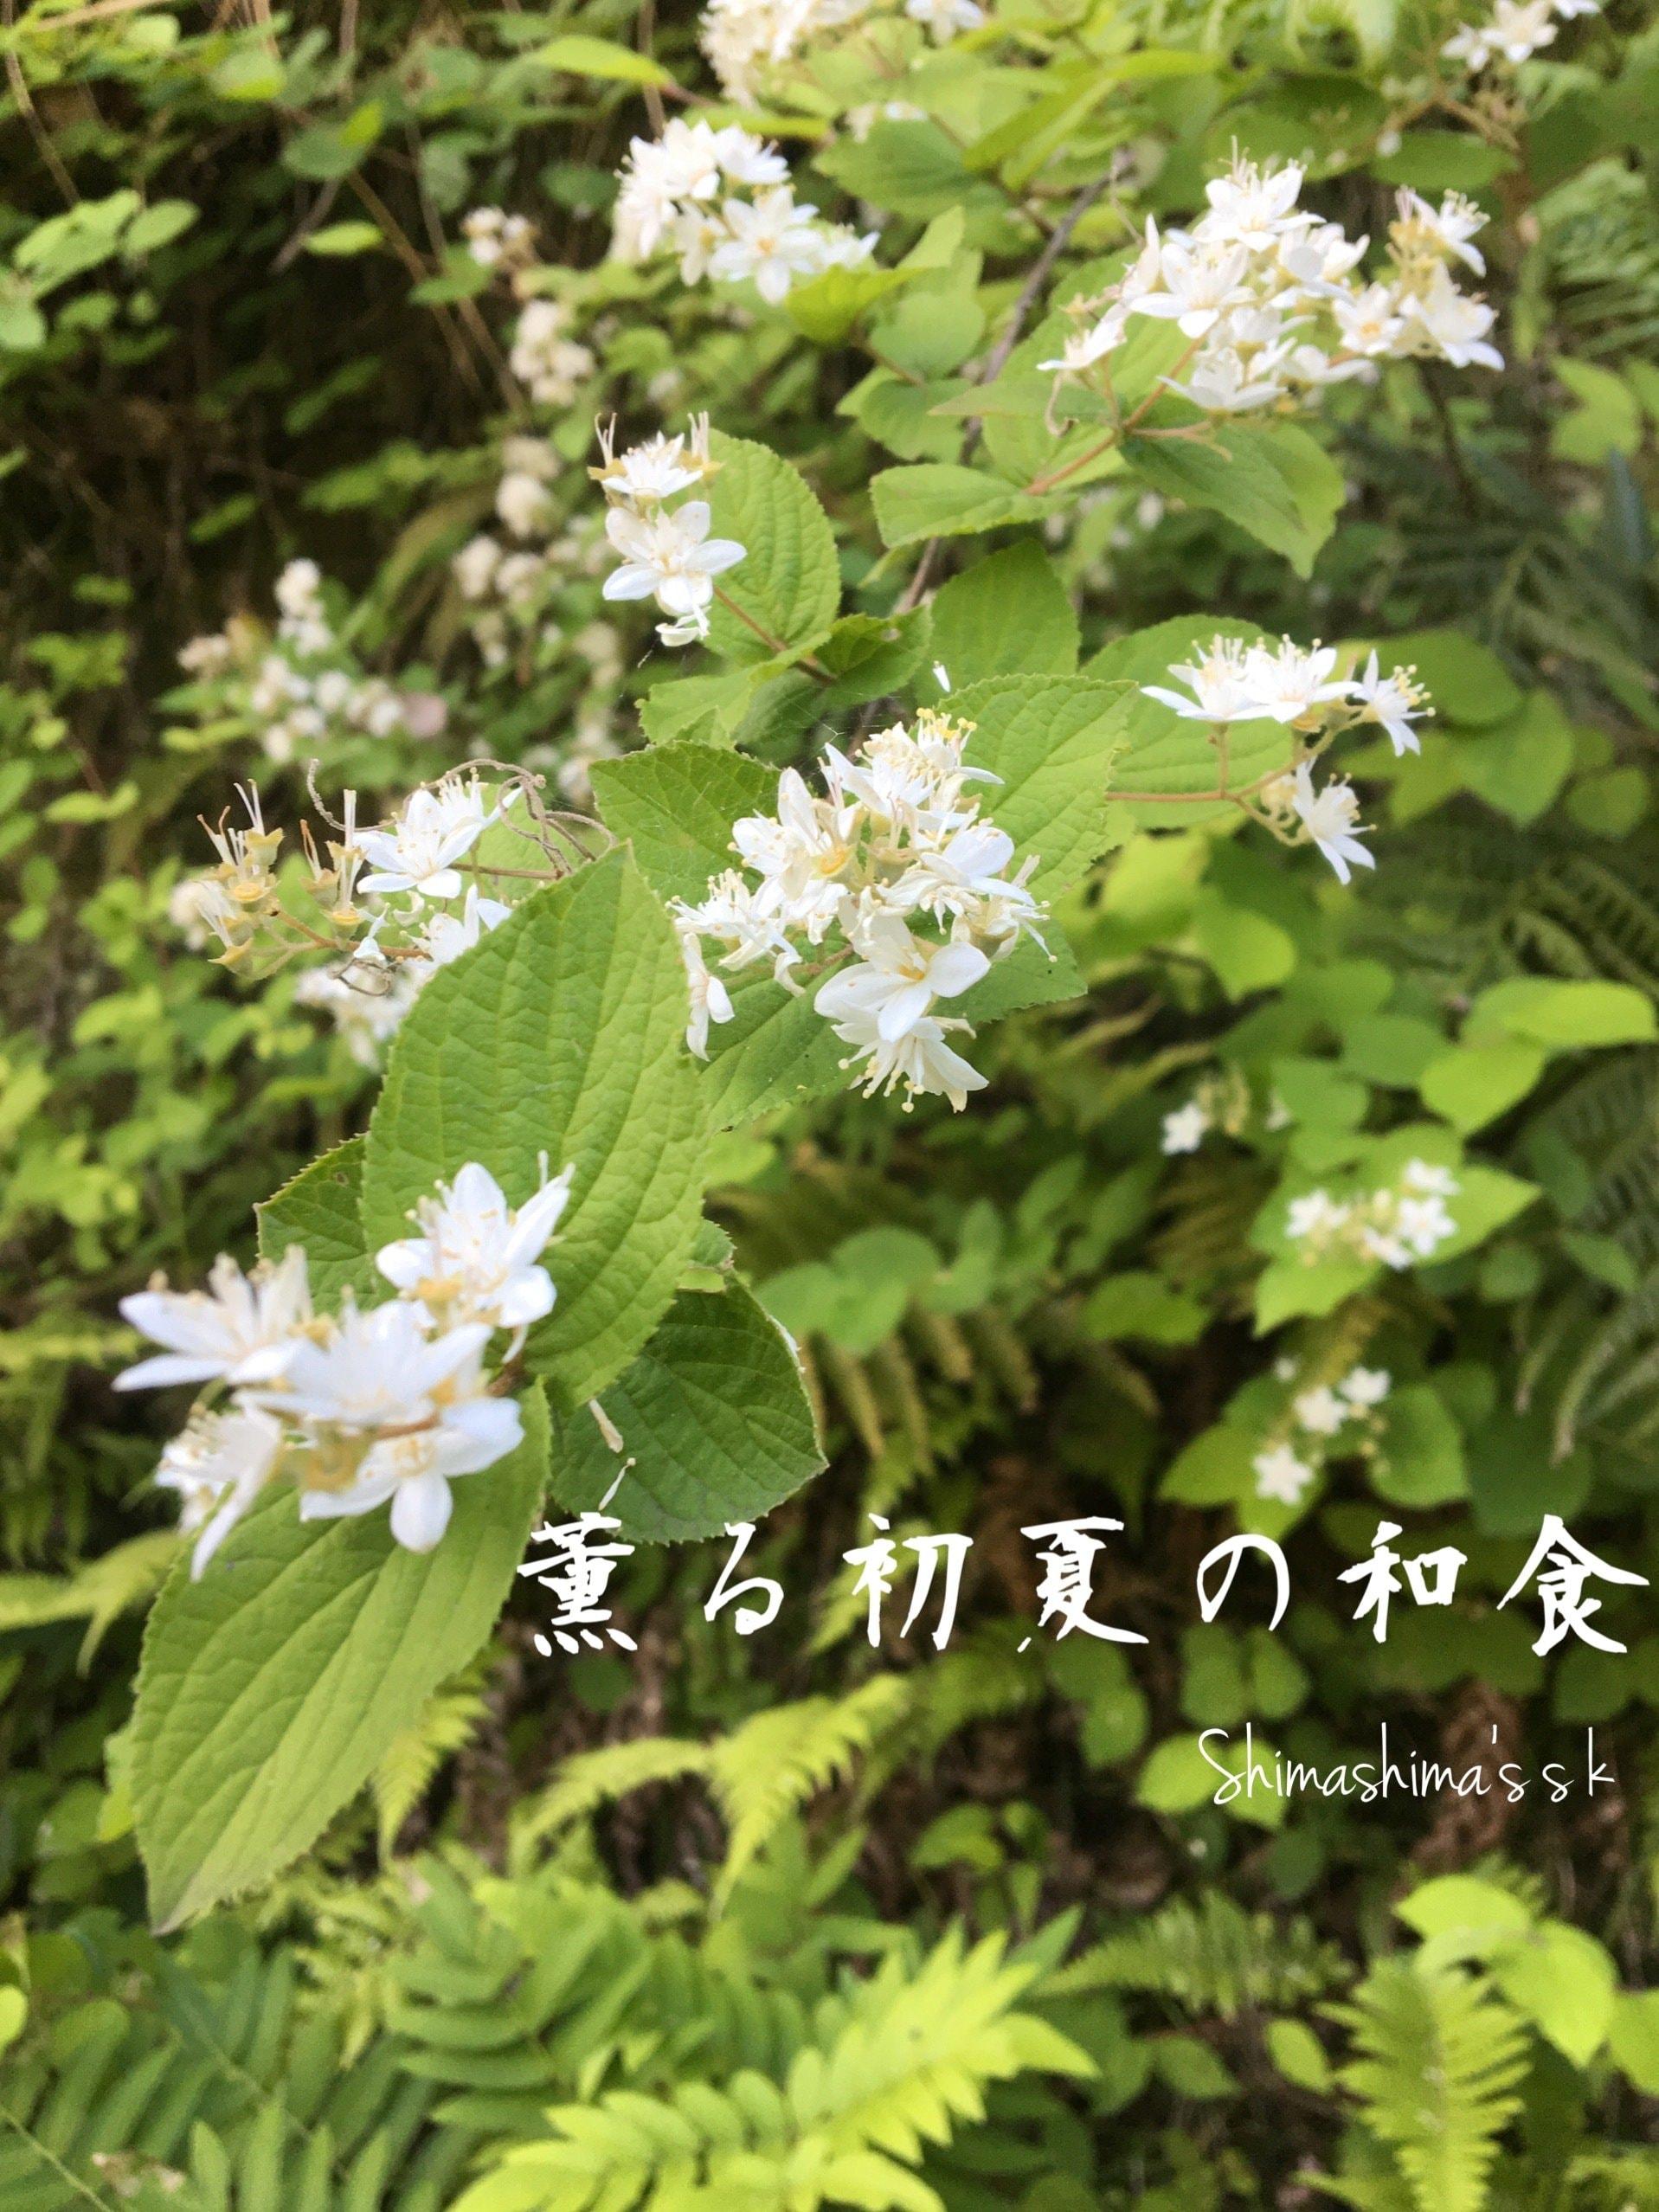 5、6月のクッキング&テーブルコーディネートレッスン 「薫る初夏の和食」梅と香味野菜の料理のイメージその1